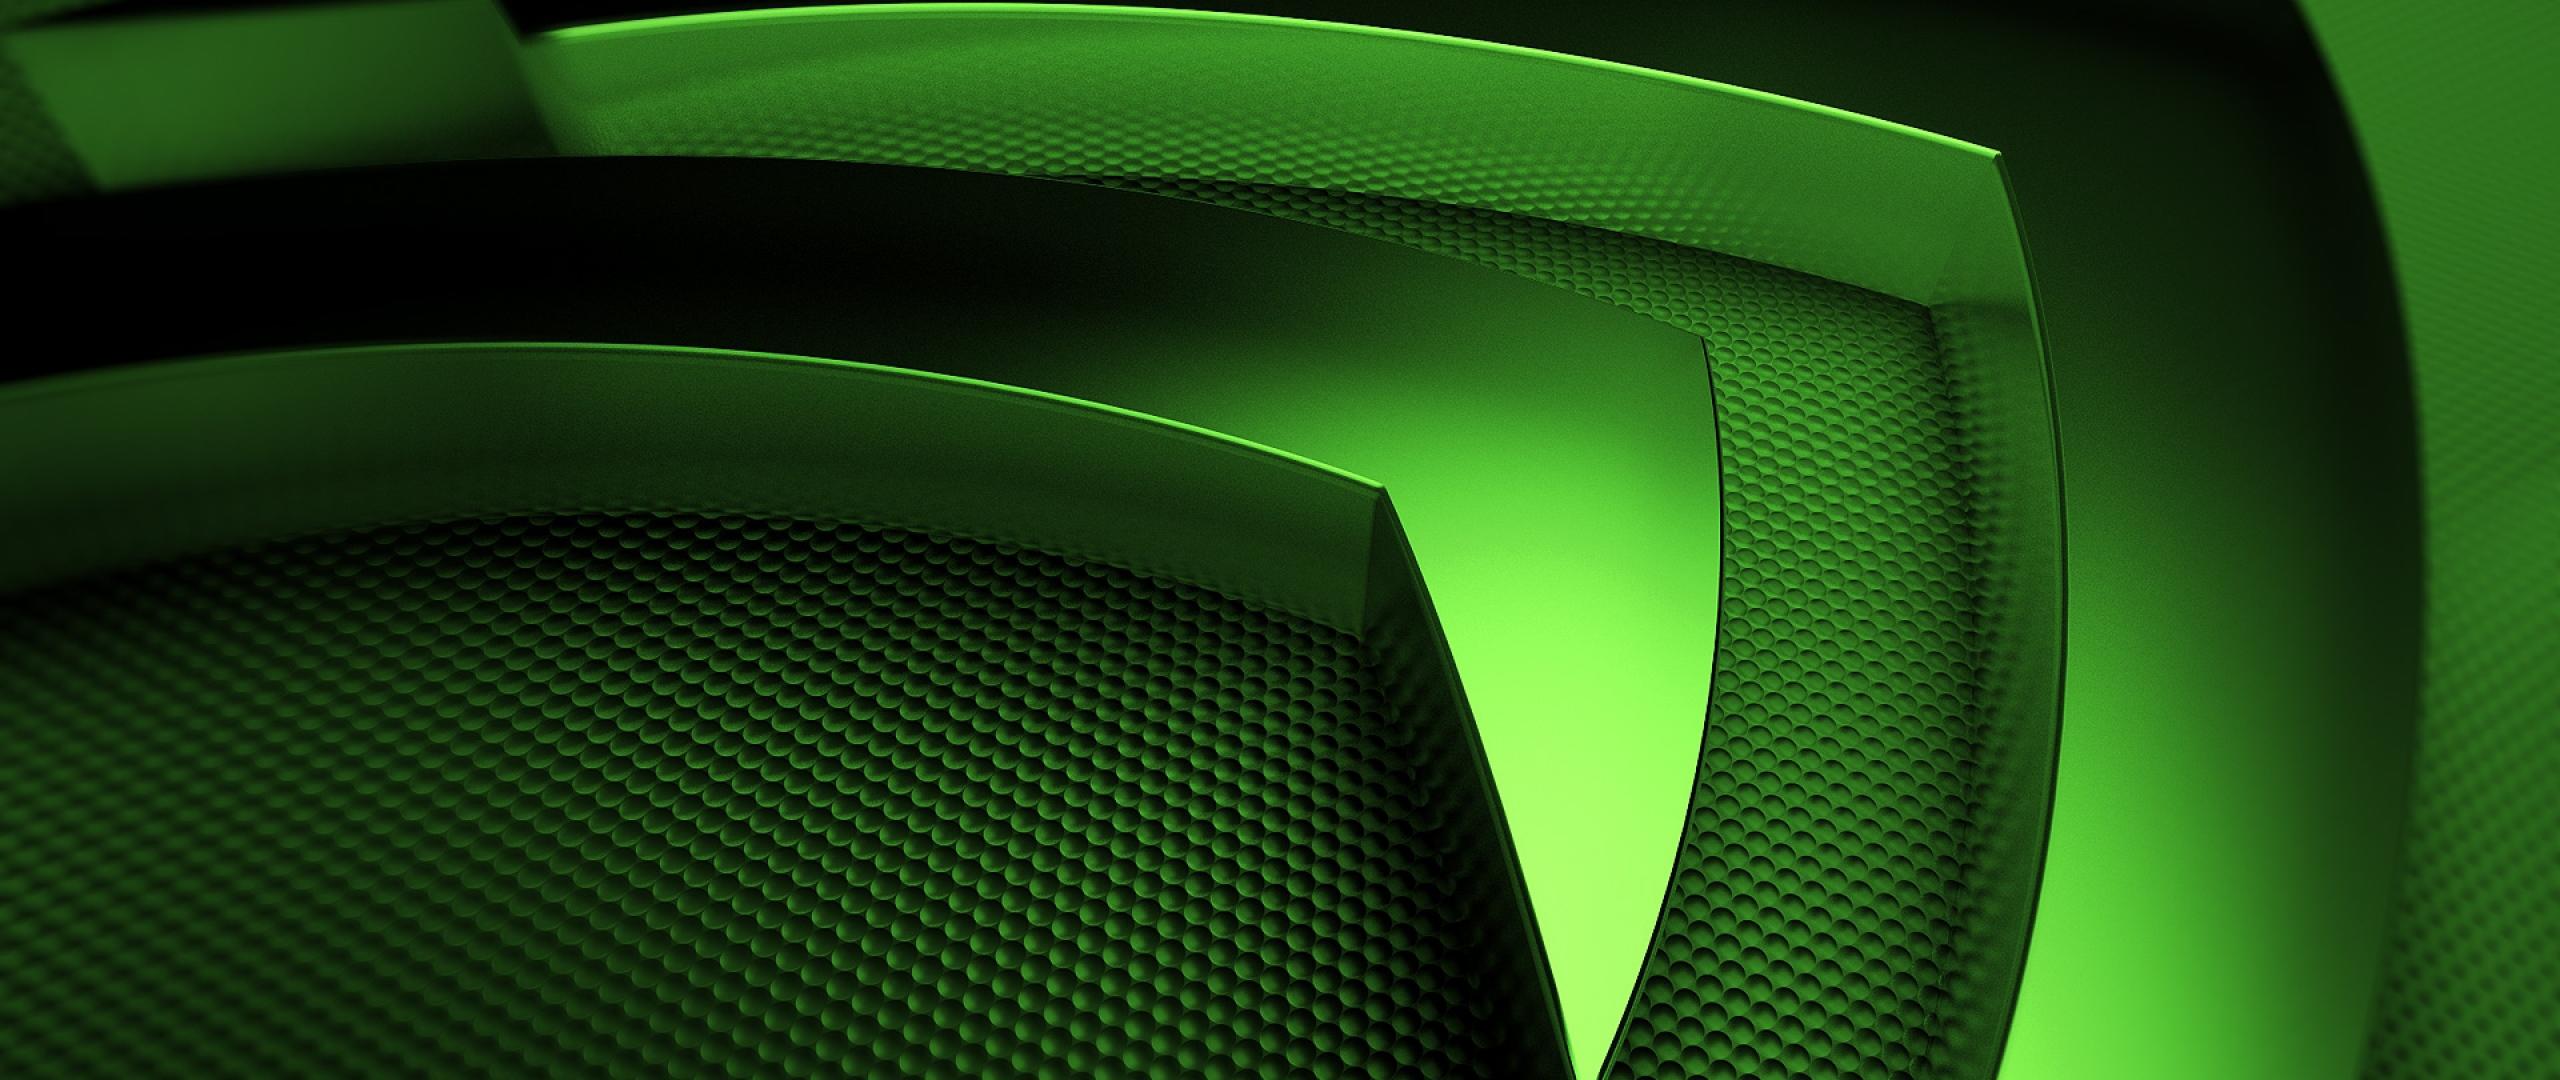 Download Wallpaper 2560x1080 nvidia green symbol 2560x1080 219 TV 2560x1080